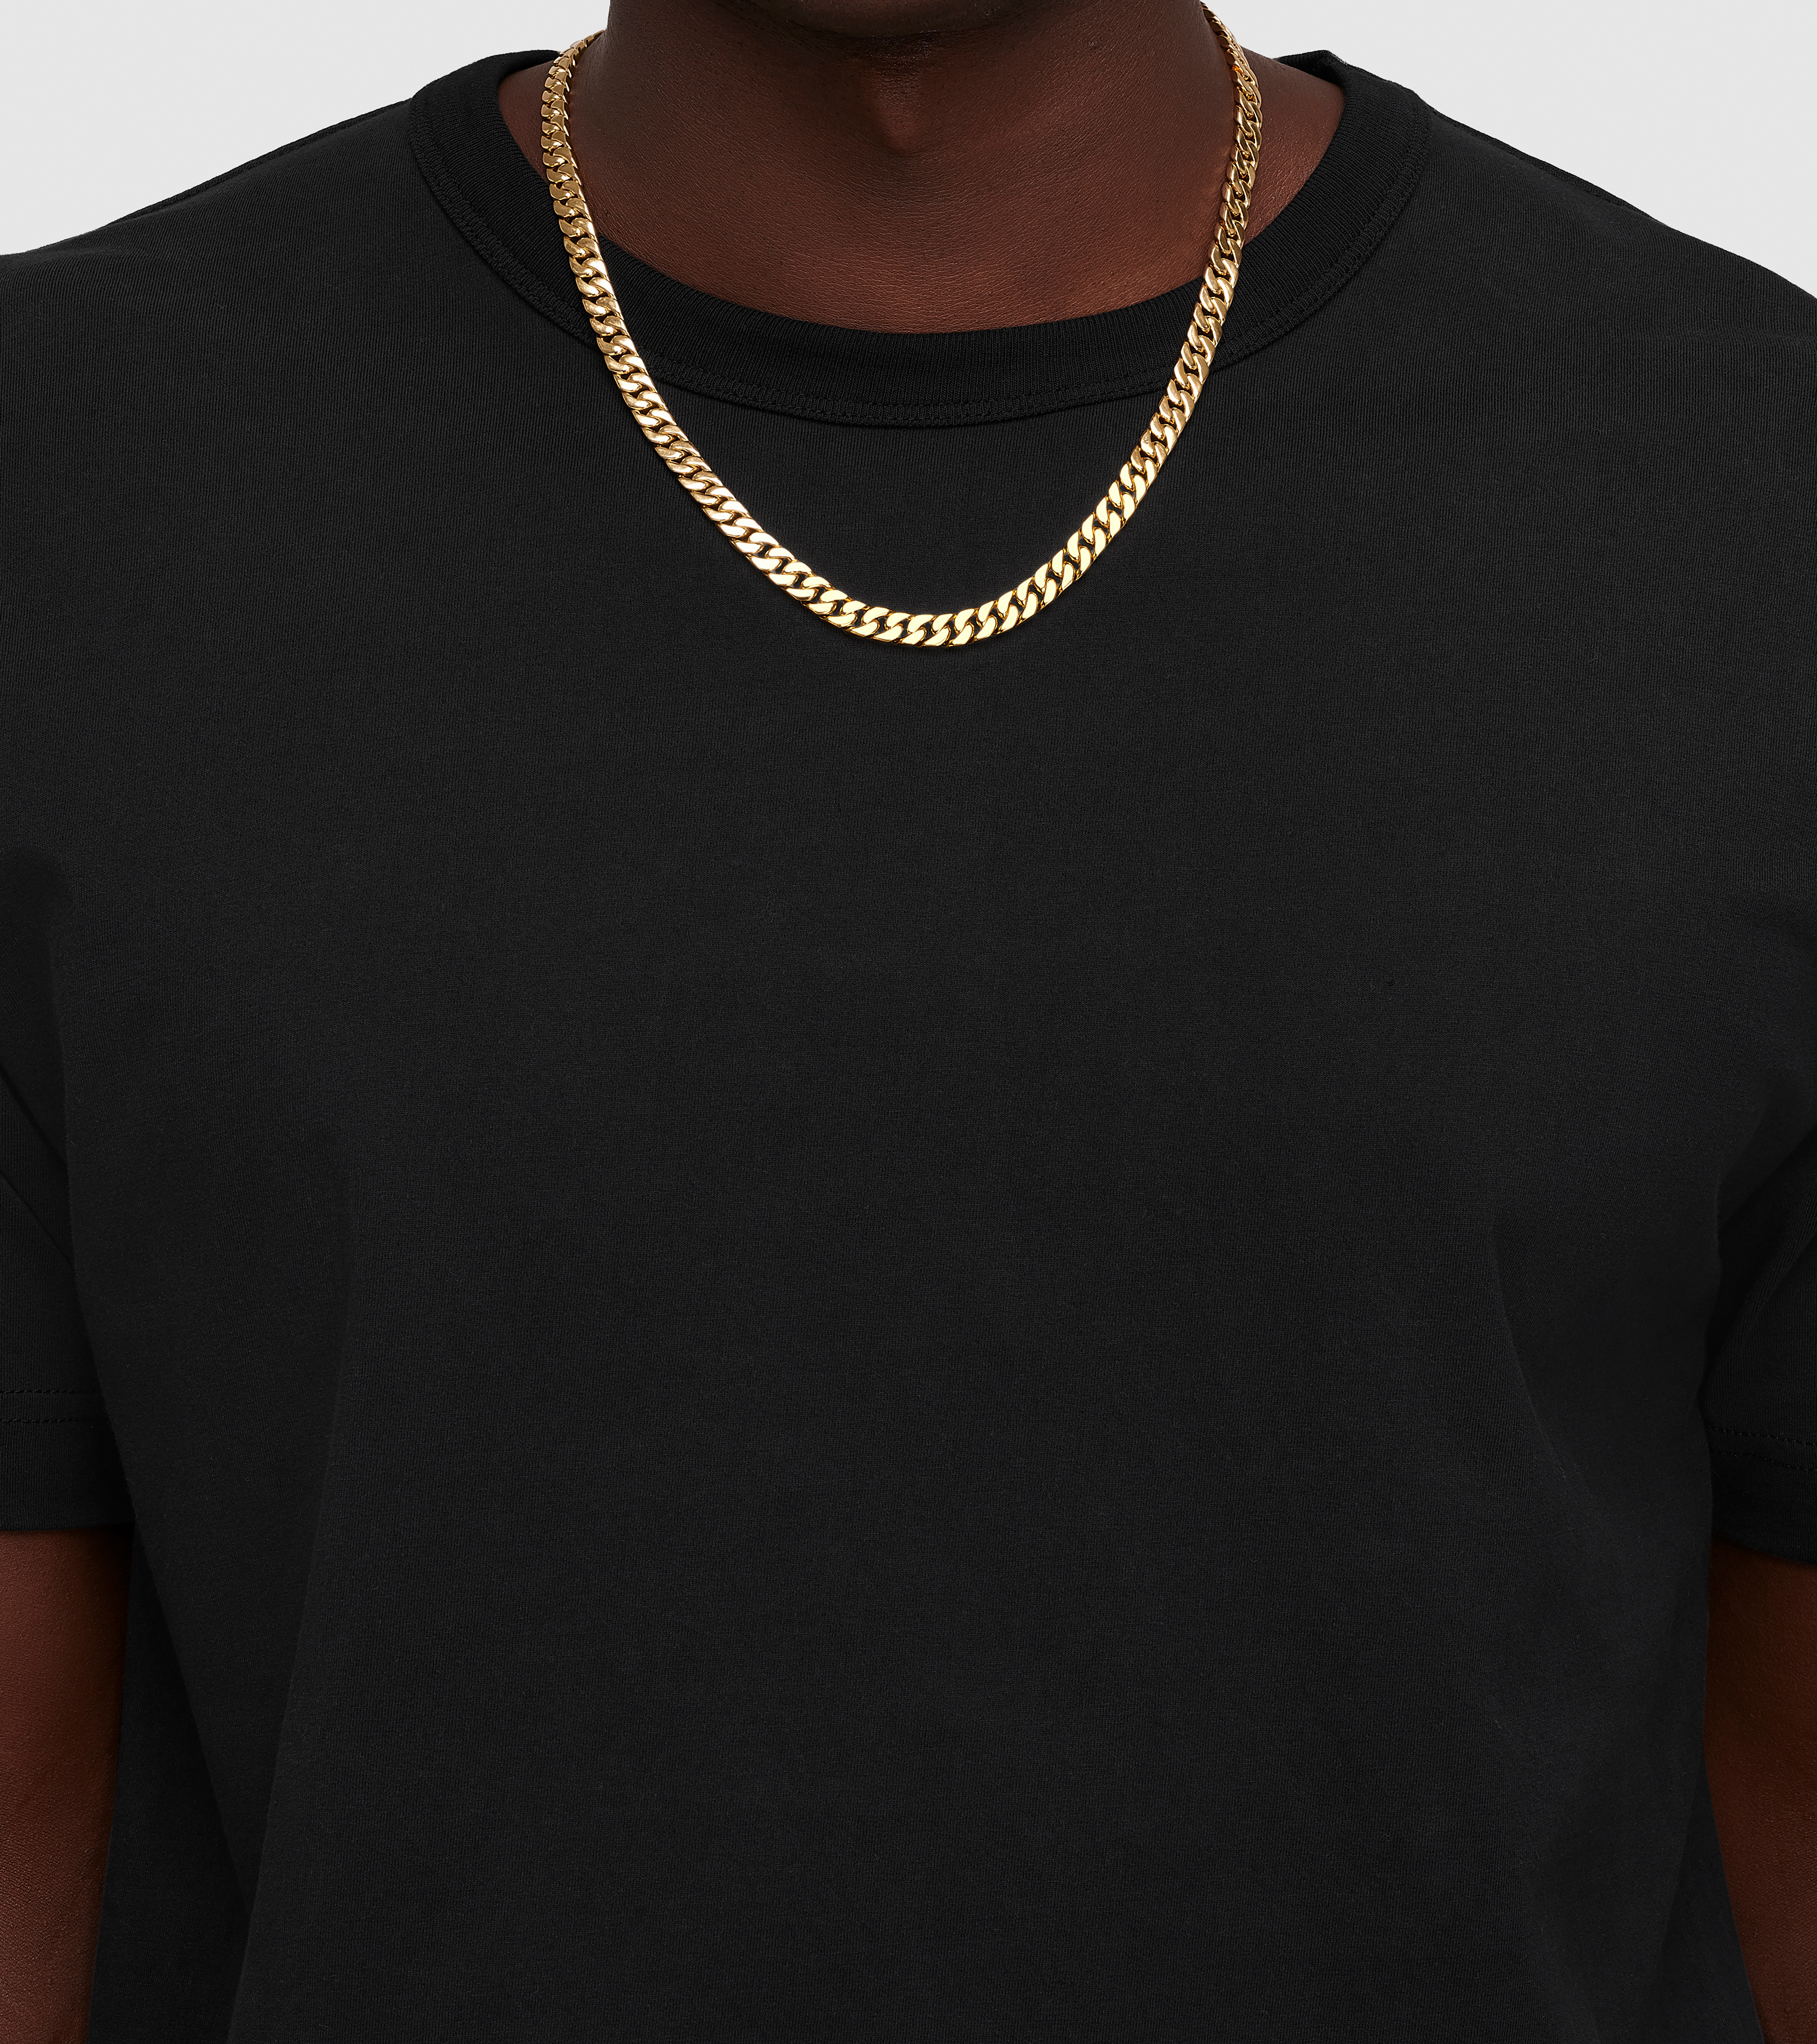 Curb 7 Chain Gold